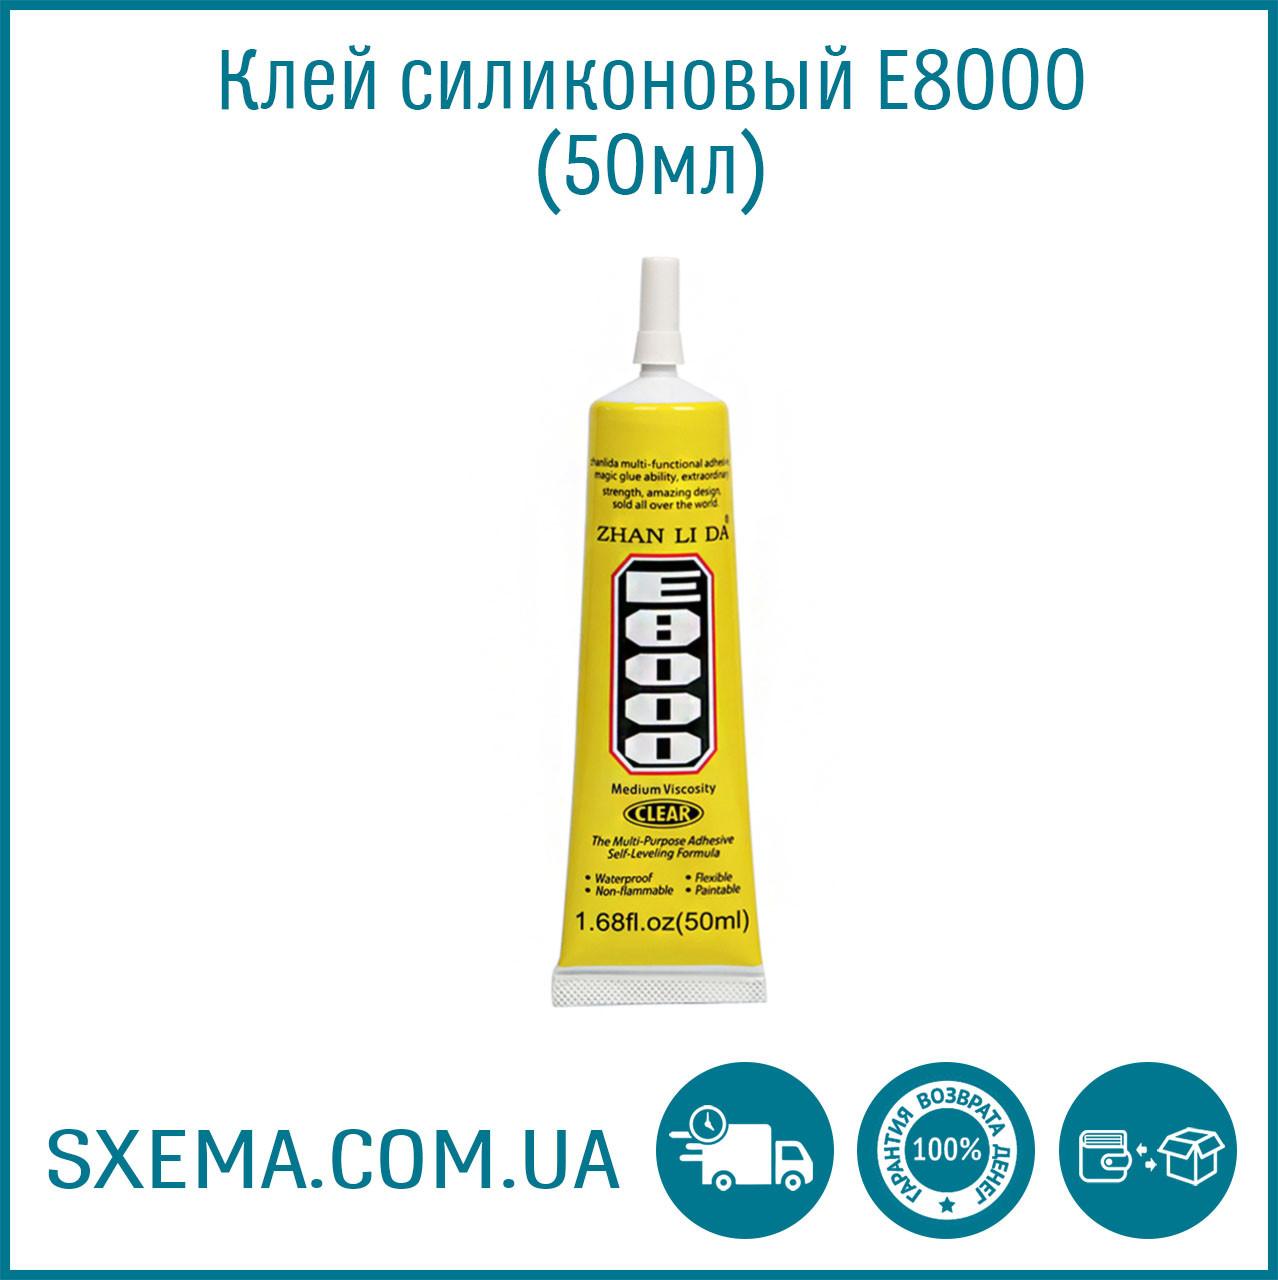 Силиконовый клей E8000 50ml густой, прозрачный с дозатором